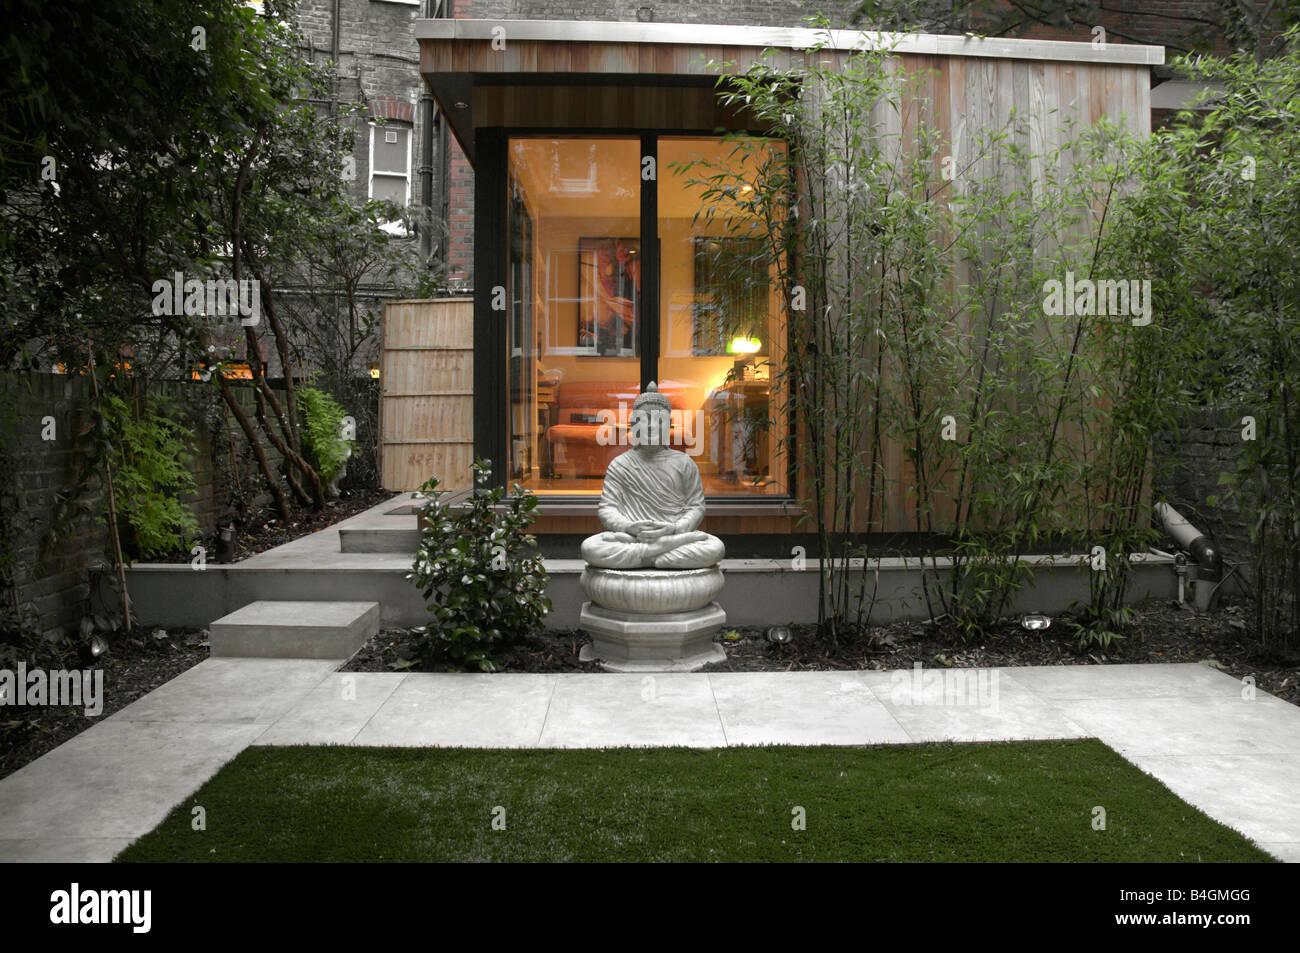 Buddha Statue In Modern Urban Garden Stock Photo Alamy